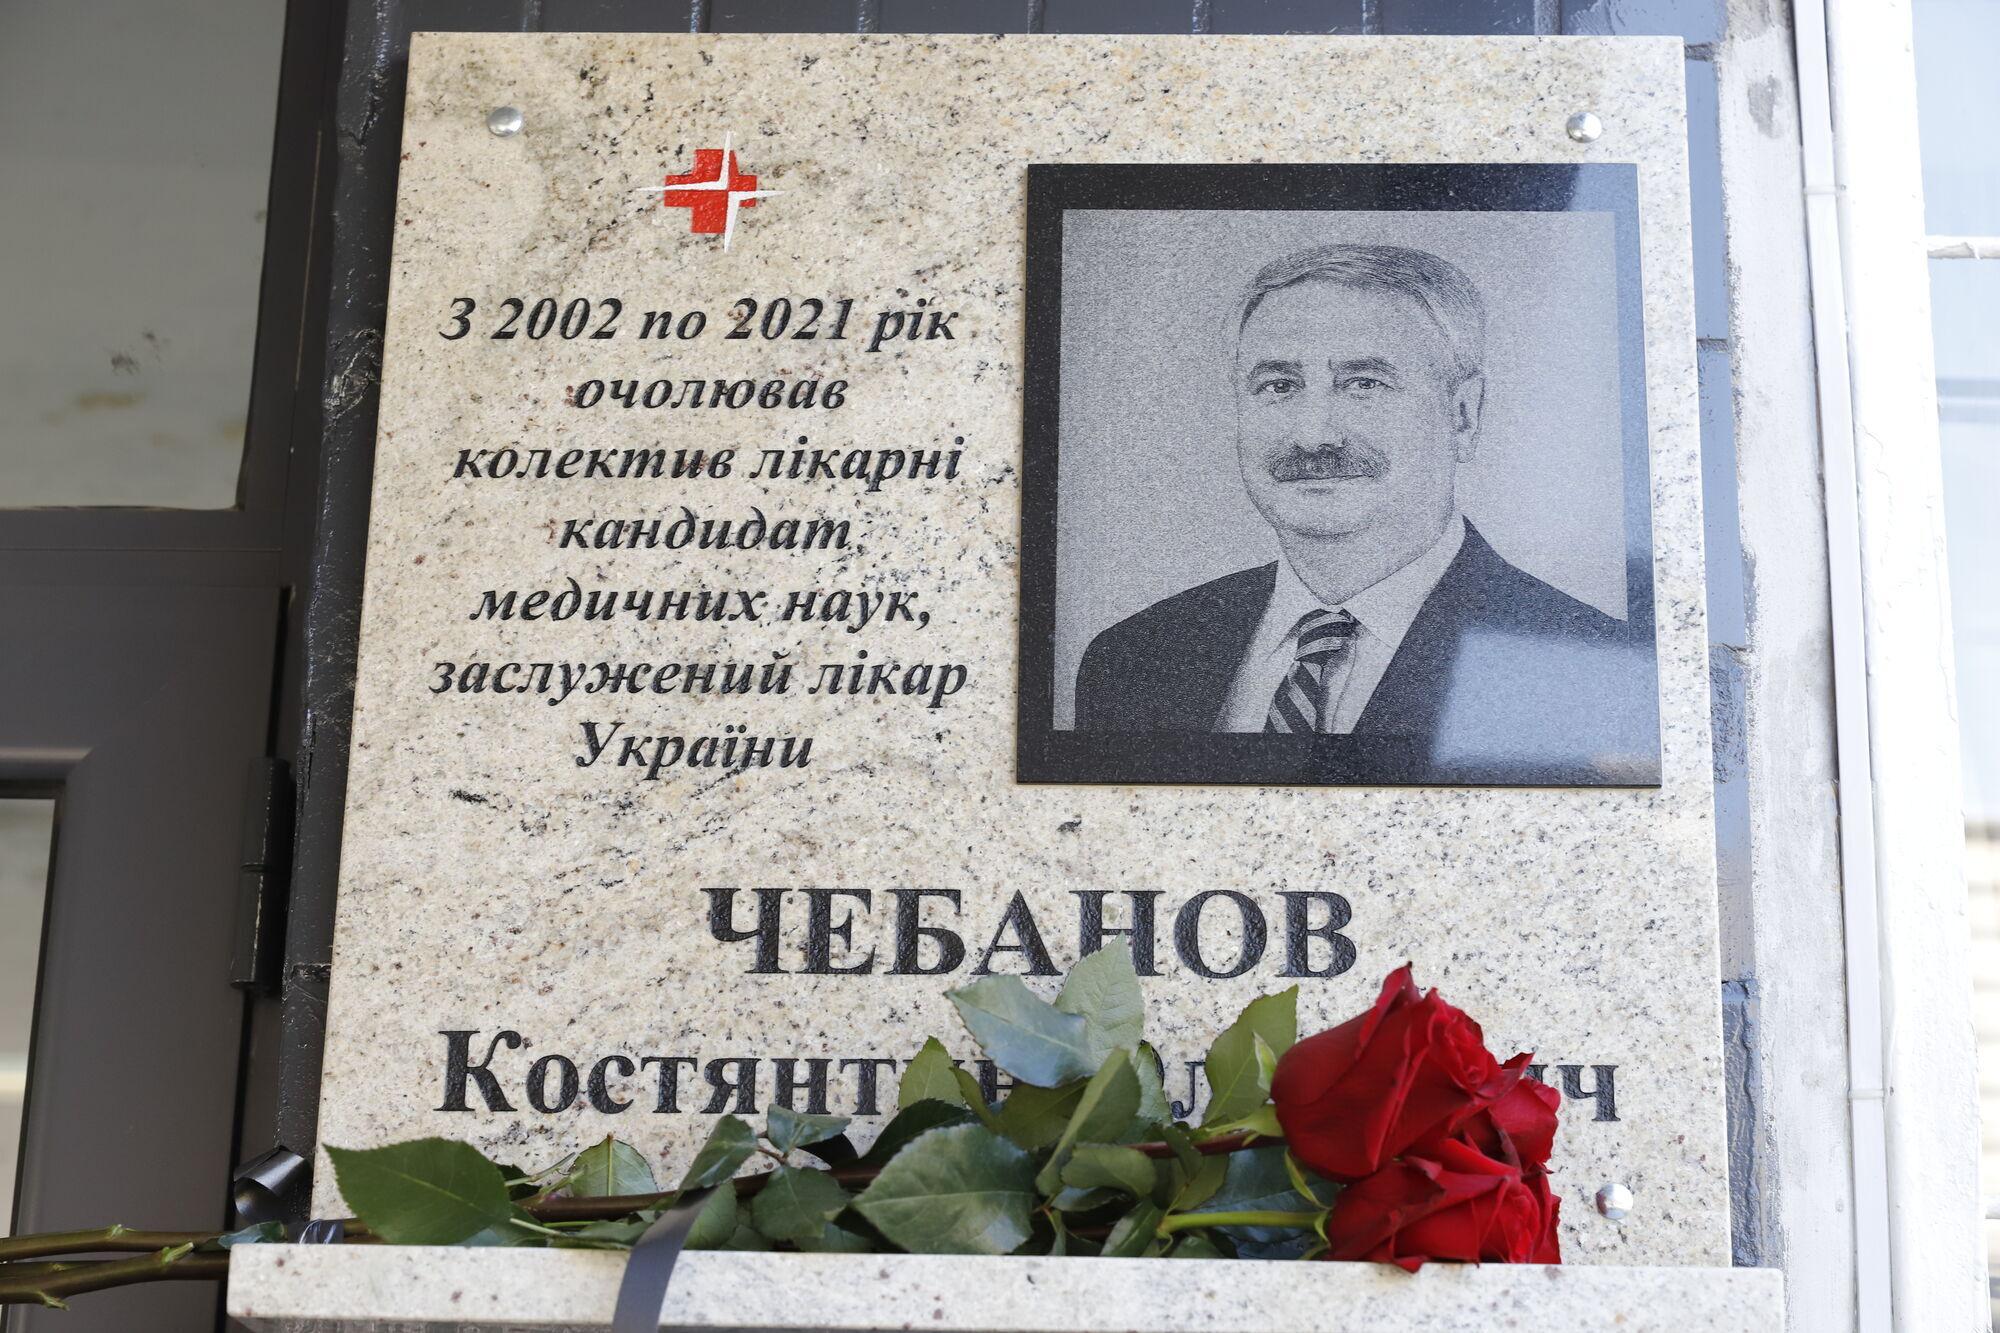 В медицине пан Чебанов работал с 1984 года